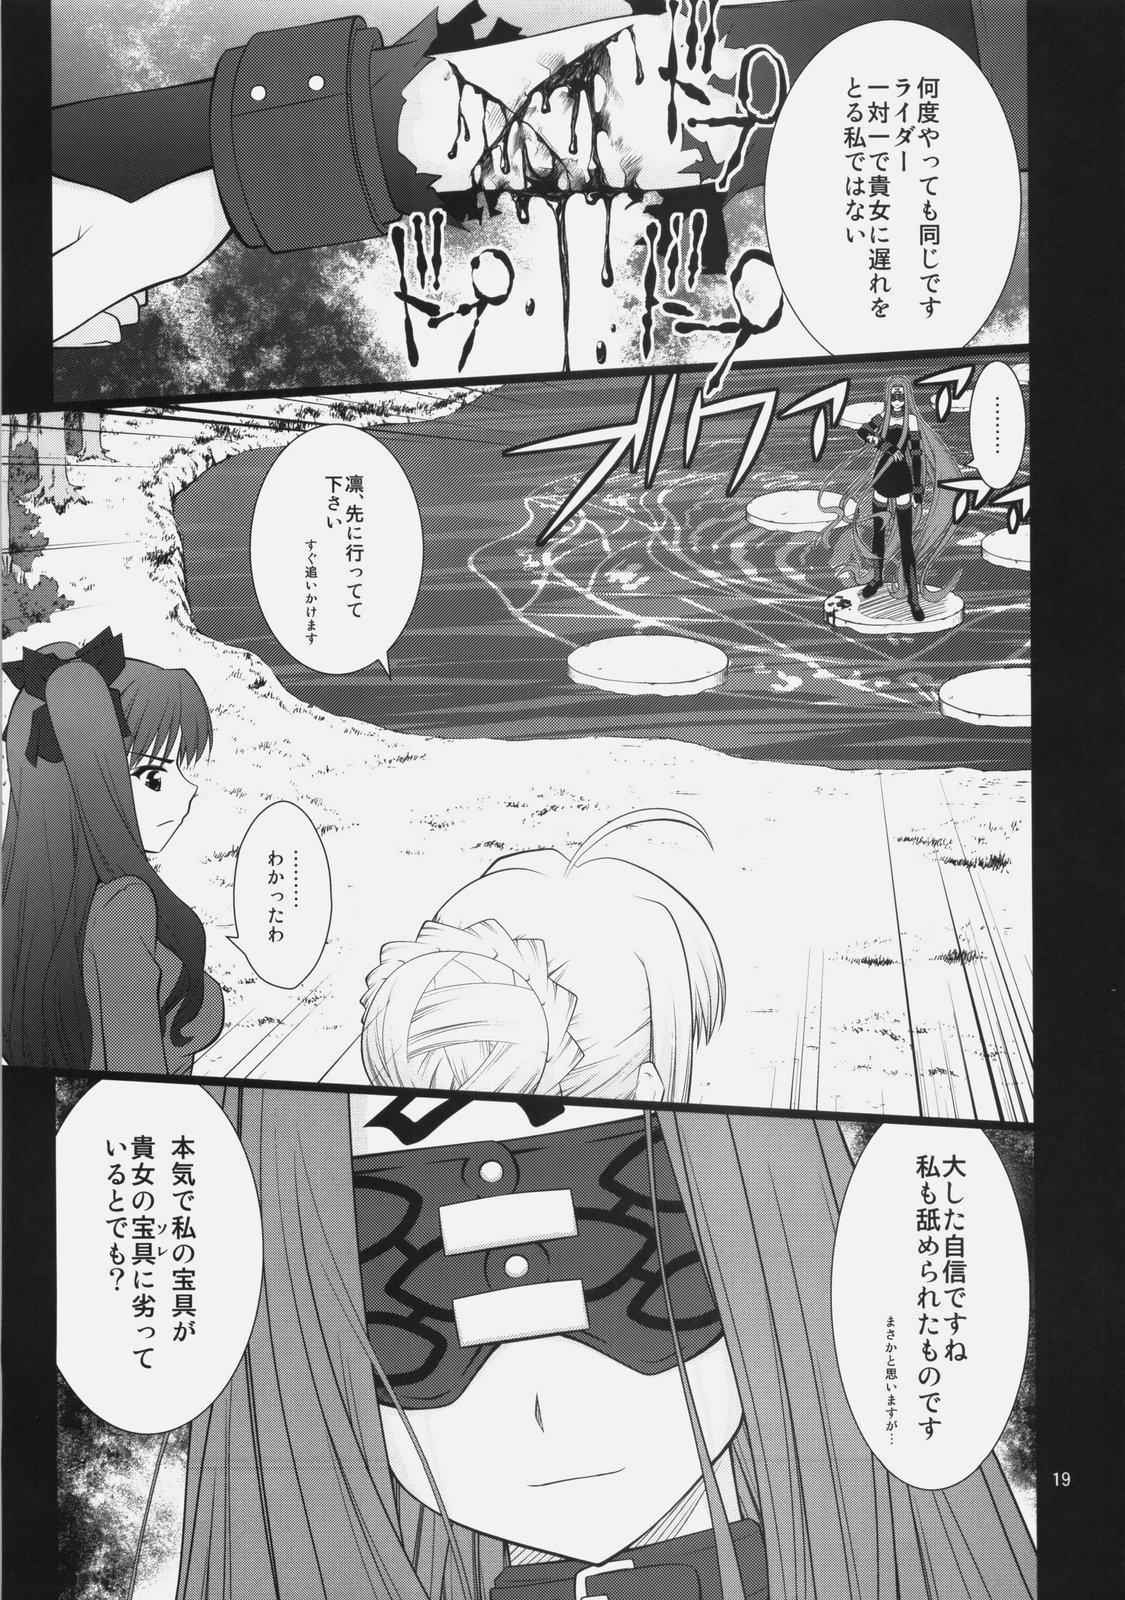 Fuun Sakura jou ~Chuu hen 2/2+Kou hen ~ 17